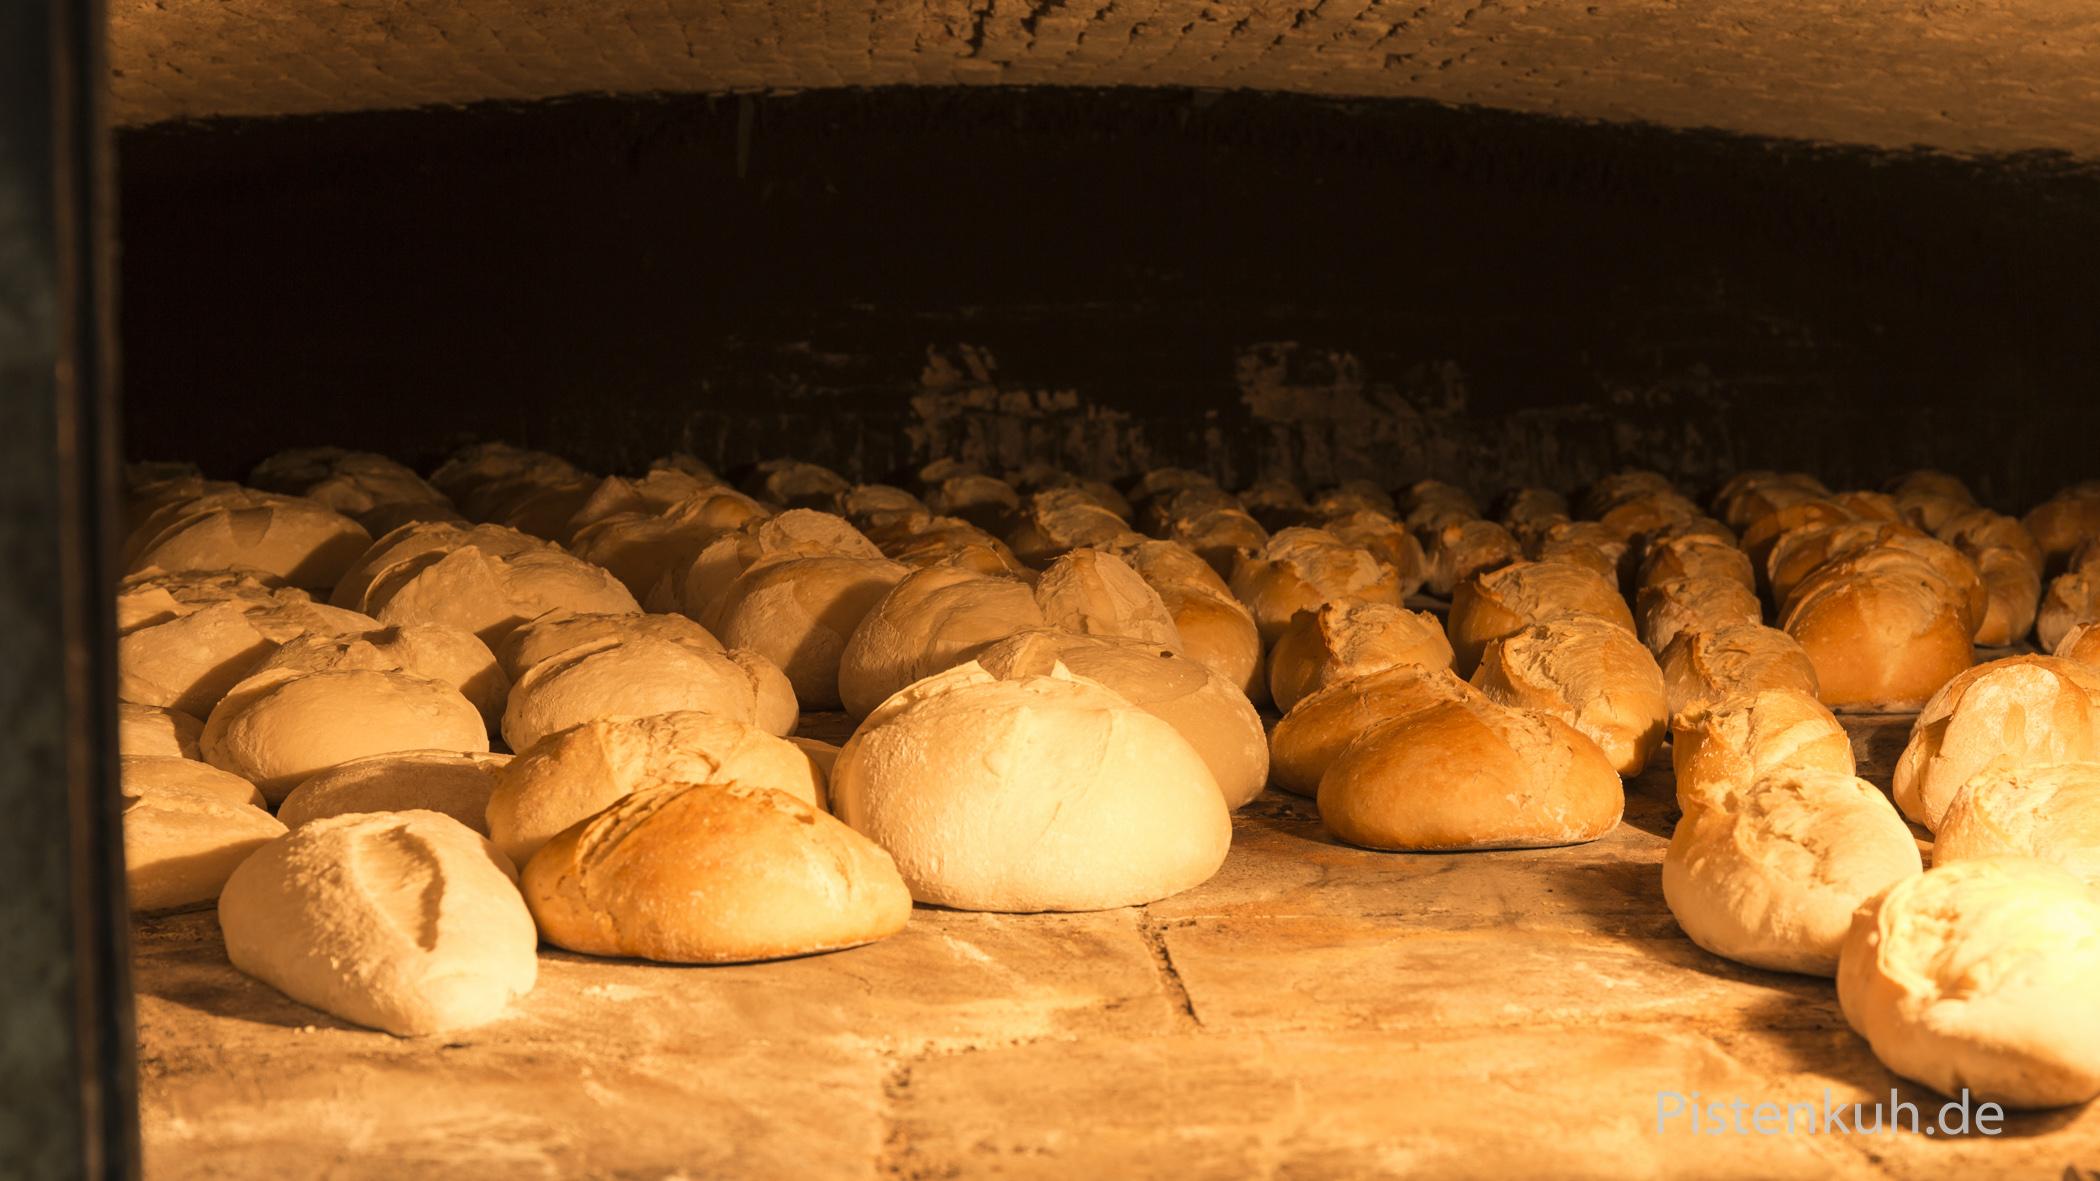 Frisches Brot im Ofen. Der Duft, herrlich. Ich kann es kaum erwarten, ein Stück vom heißen Brot zu probieren.